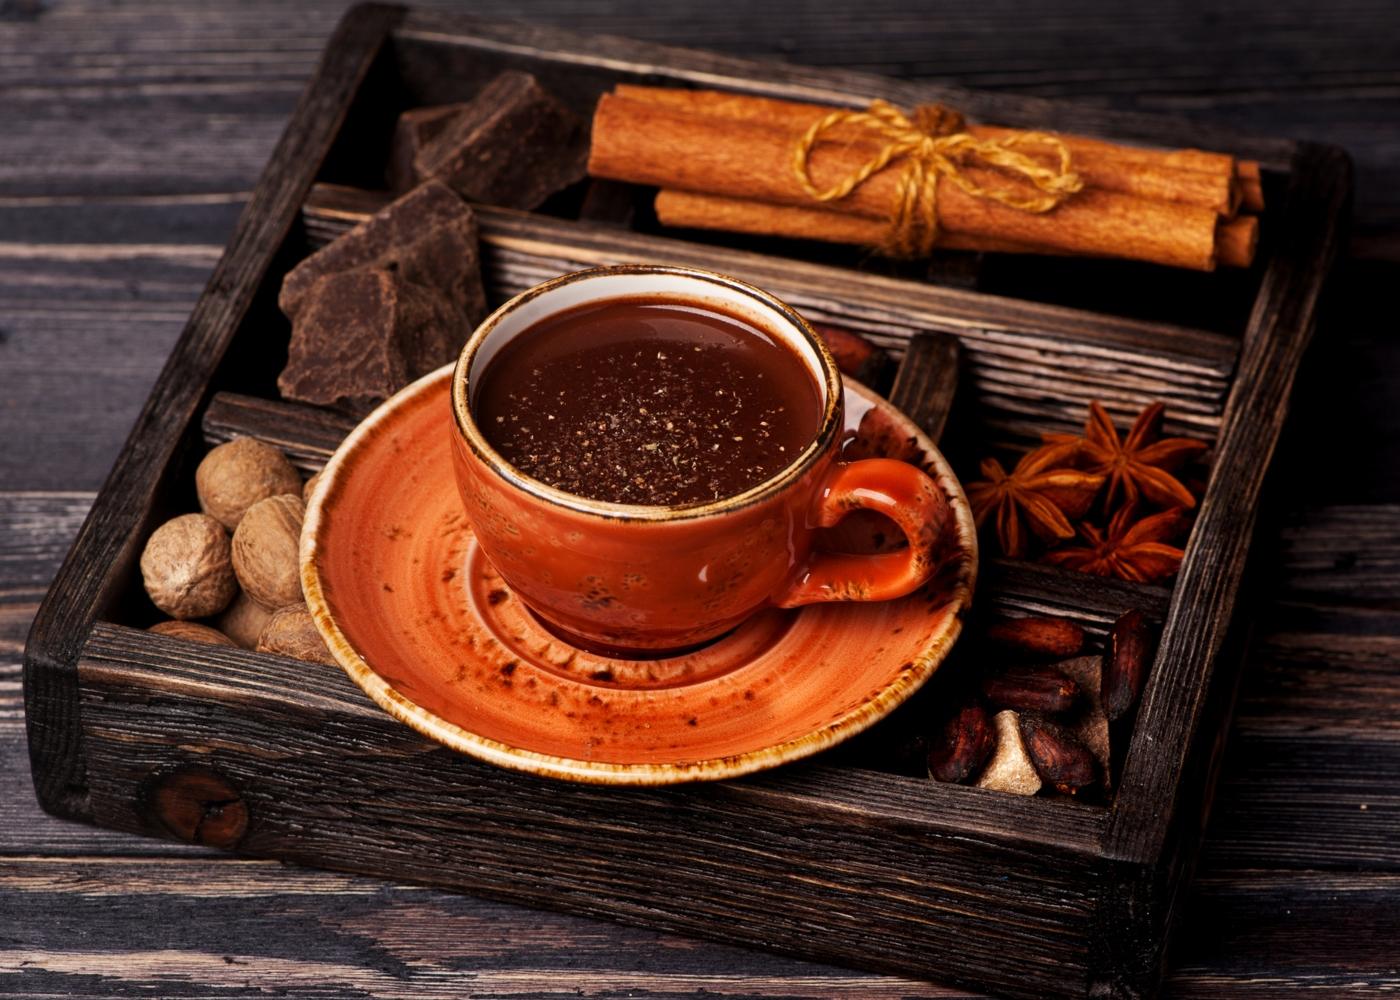 Chávena de chocolate quente com cardamomo